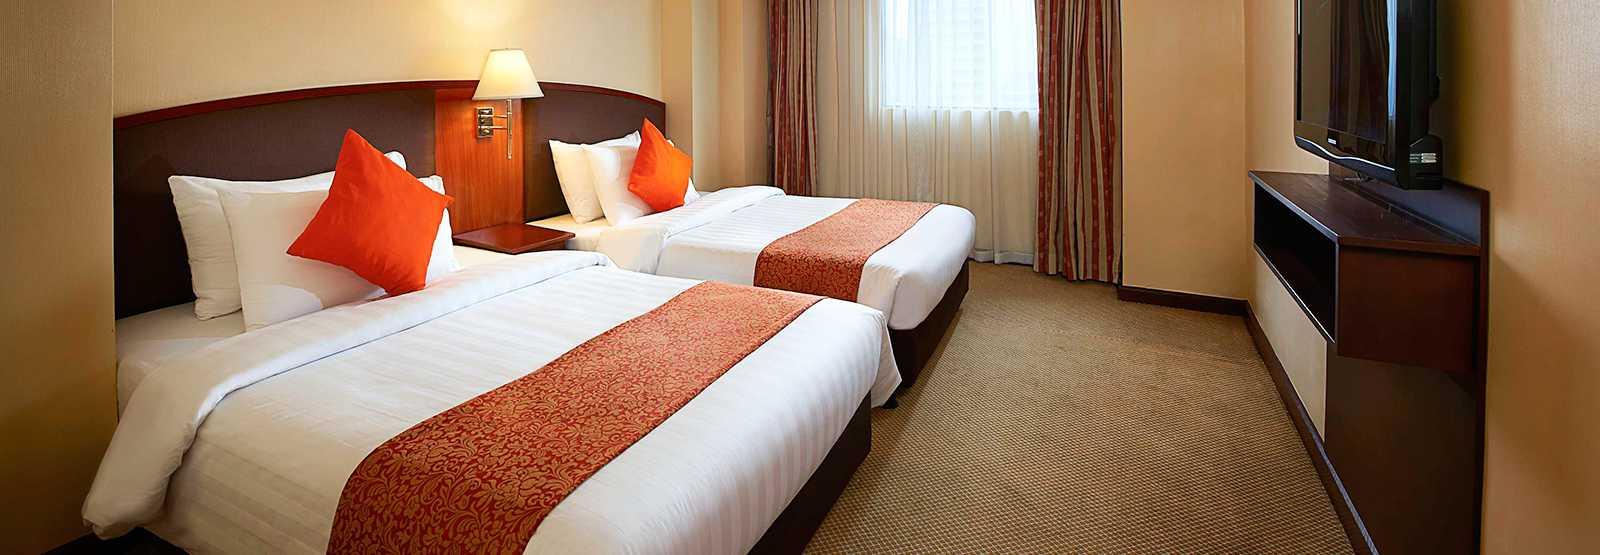 family room hotel in manila two bedroom deluxe berjaya